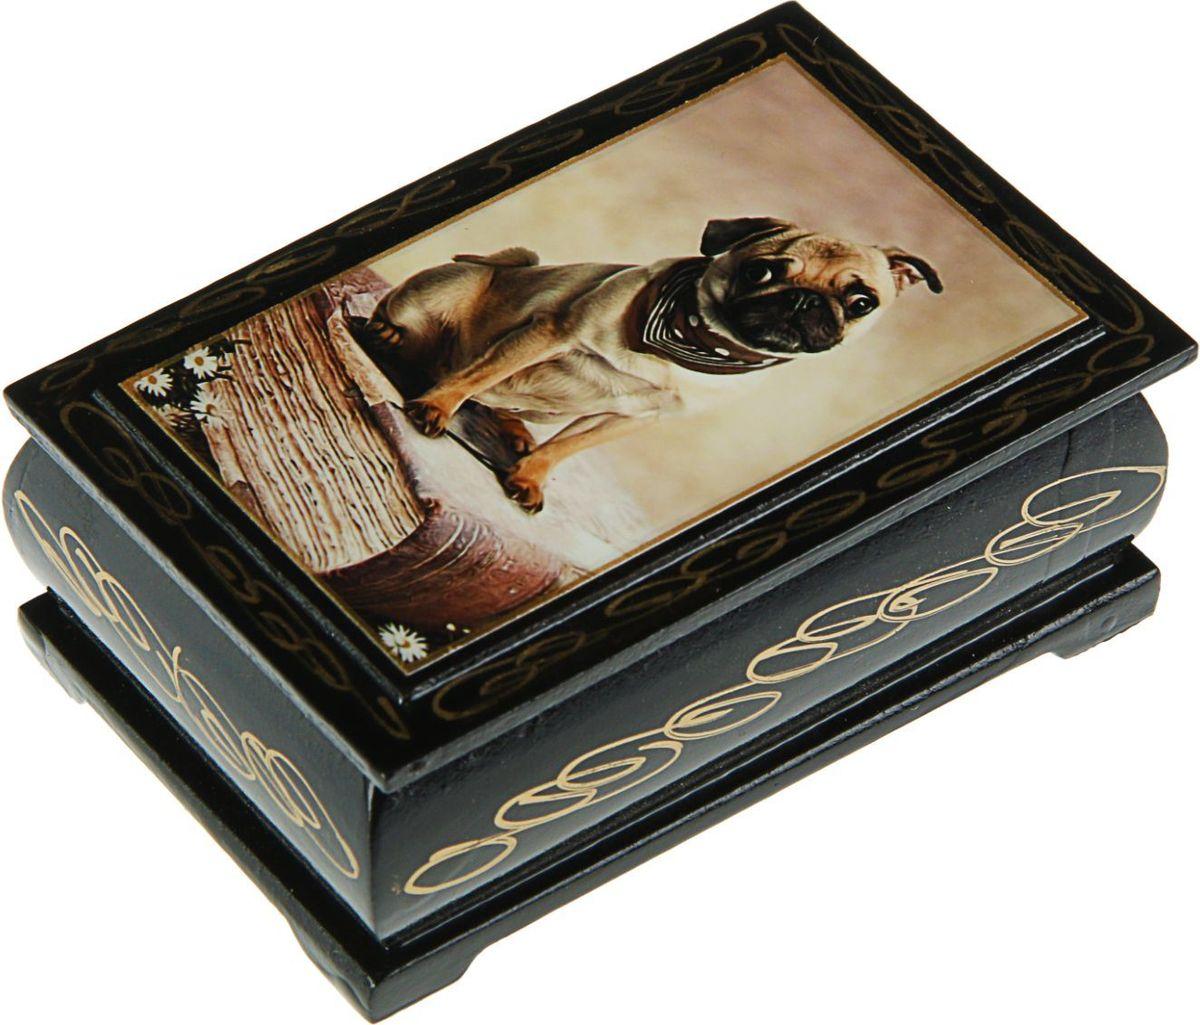 Шкатулка Sima-land Собаки. Лаковая миниатюра, цвет: черный, 6 см х 9 см. 24311482431149Шкатулка — это небольшой сувенир, а также оригинальная упаковка подарка. Она дополнит интерьер спальни, гостиной или прихожей. Изделие предназначено для хранения украшений: колец, браслетов, часов, цепочек, колье, сережек и прочих предметов.